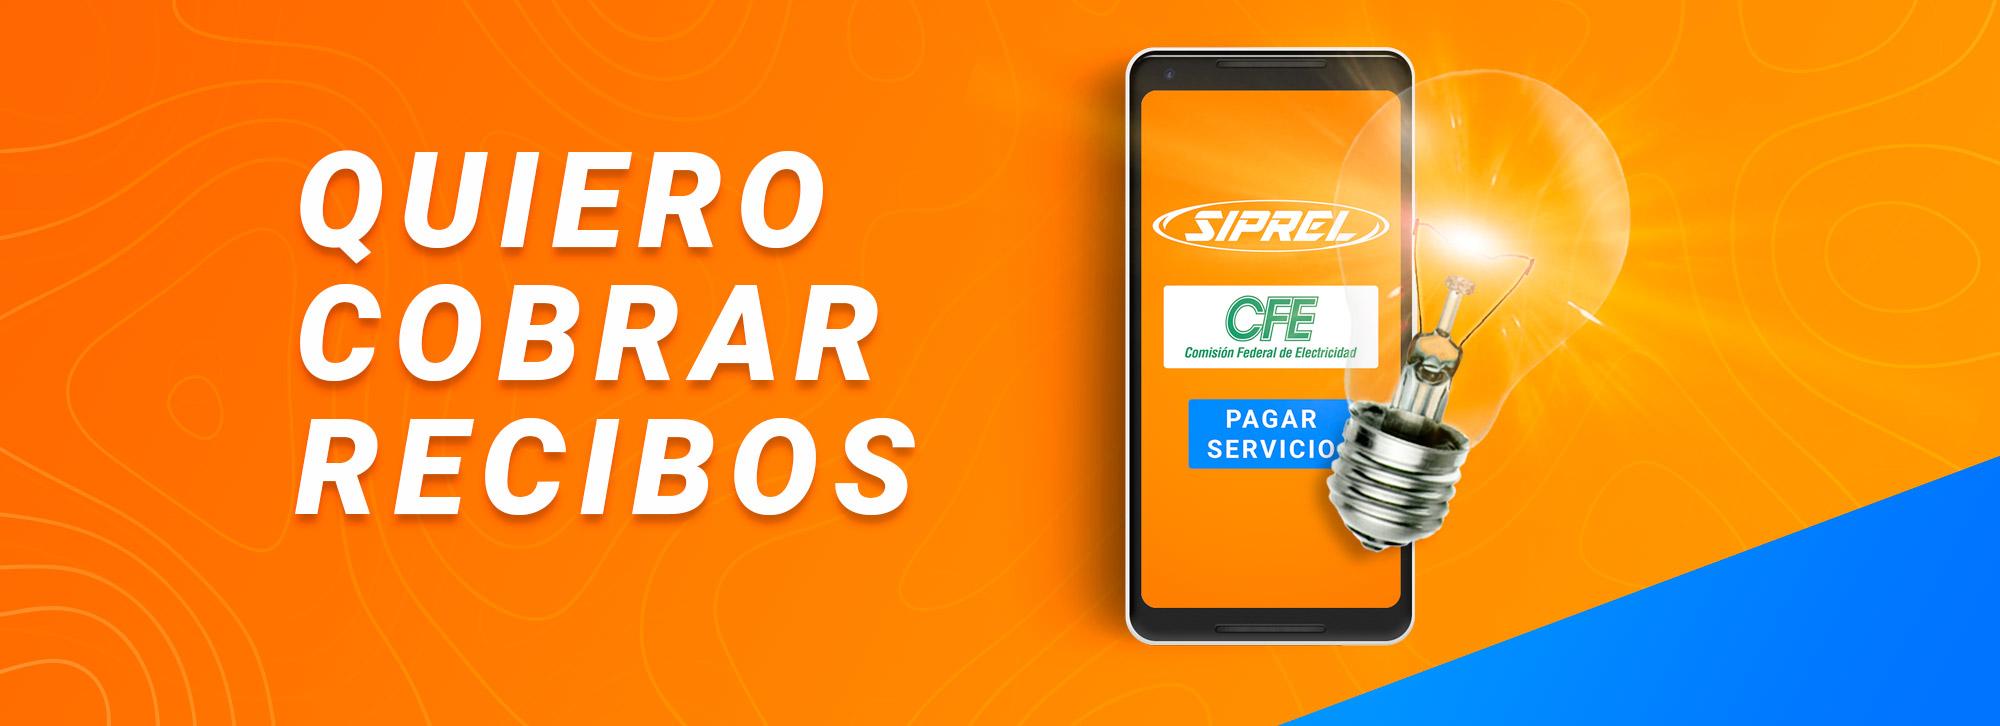 Cobra recibos en tu negocio. Pago de servicios de telefonía fija, luz, cable, internet, gas y telepeaje. CFE, Telmex, Sky, Dish, Megacable, Cablemas, Totalplay, Izzi y Gas Natural.